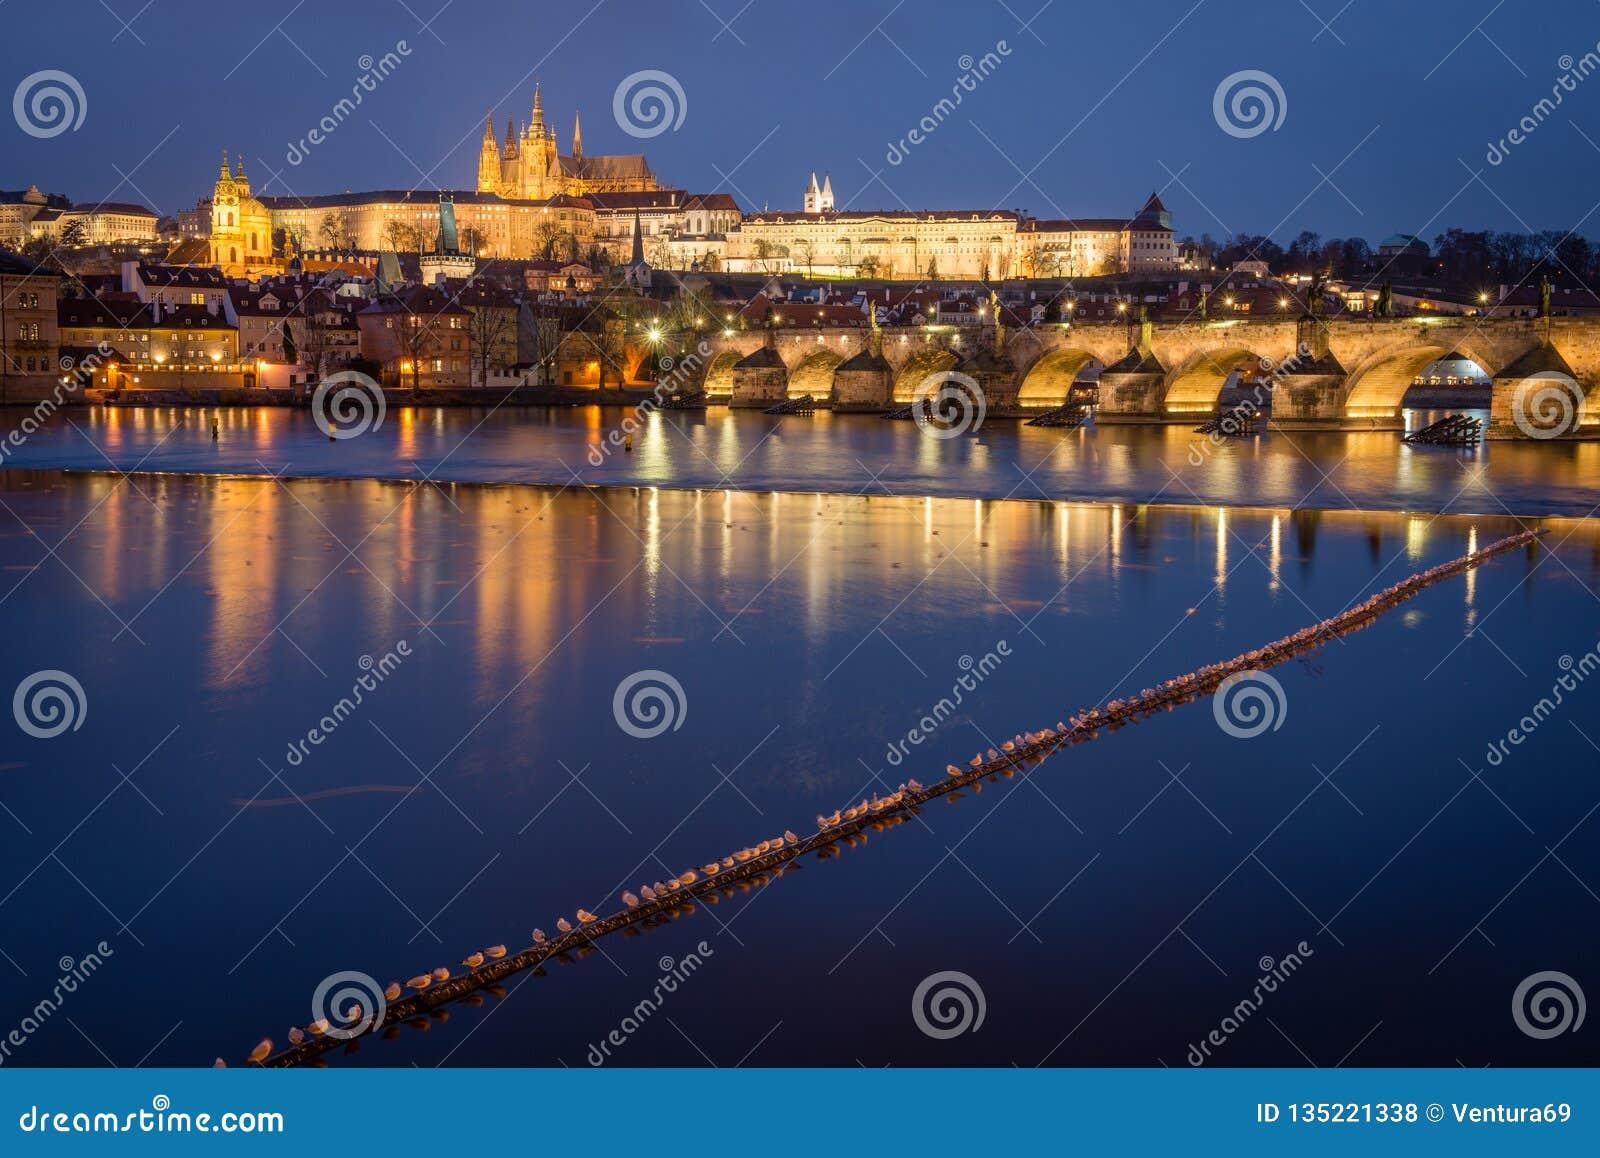 Prag-Schloss und Charles Bridge nachts, Tschechische Republik